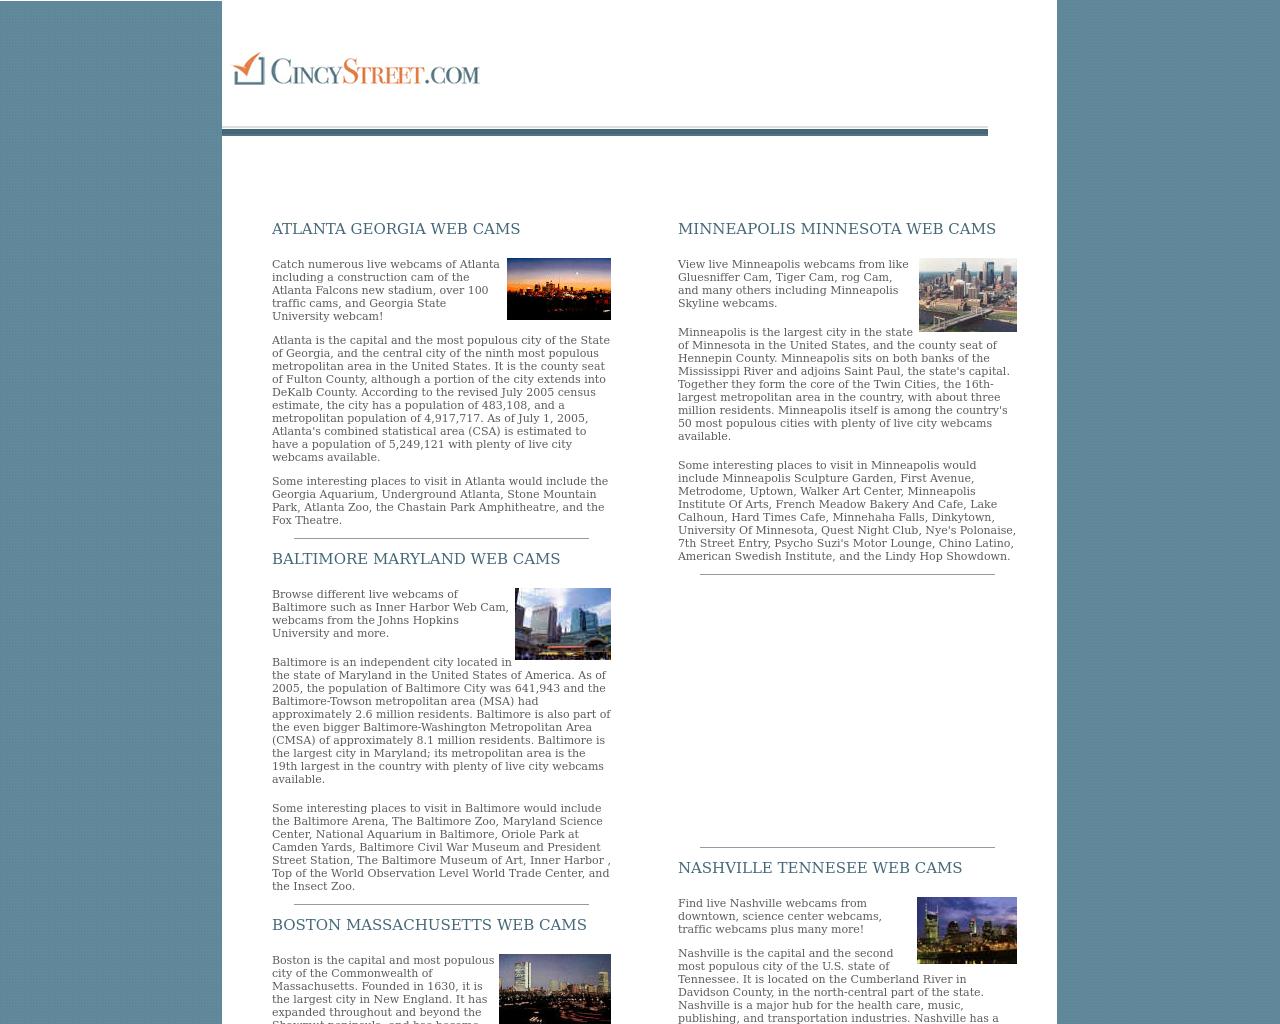 Cincy-Street-Advertising-Reviews-Pricing